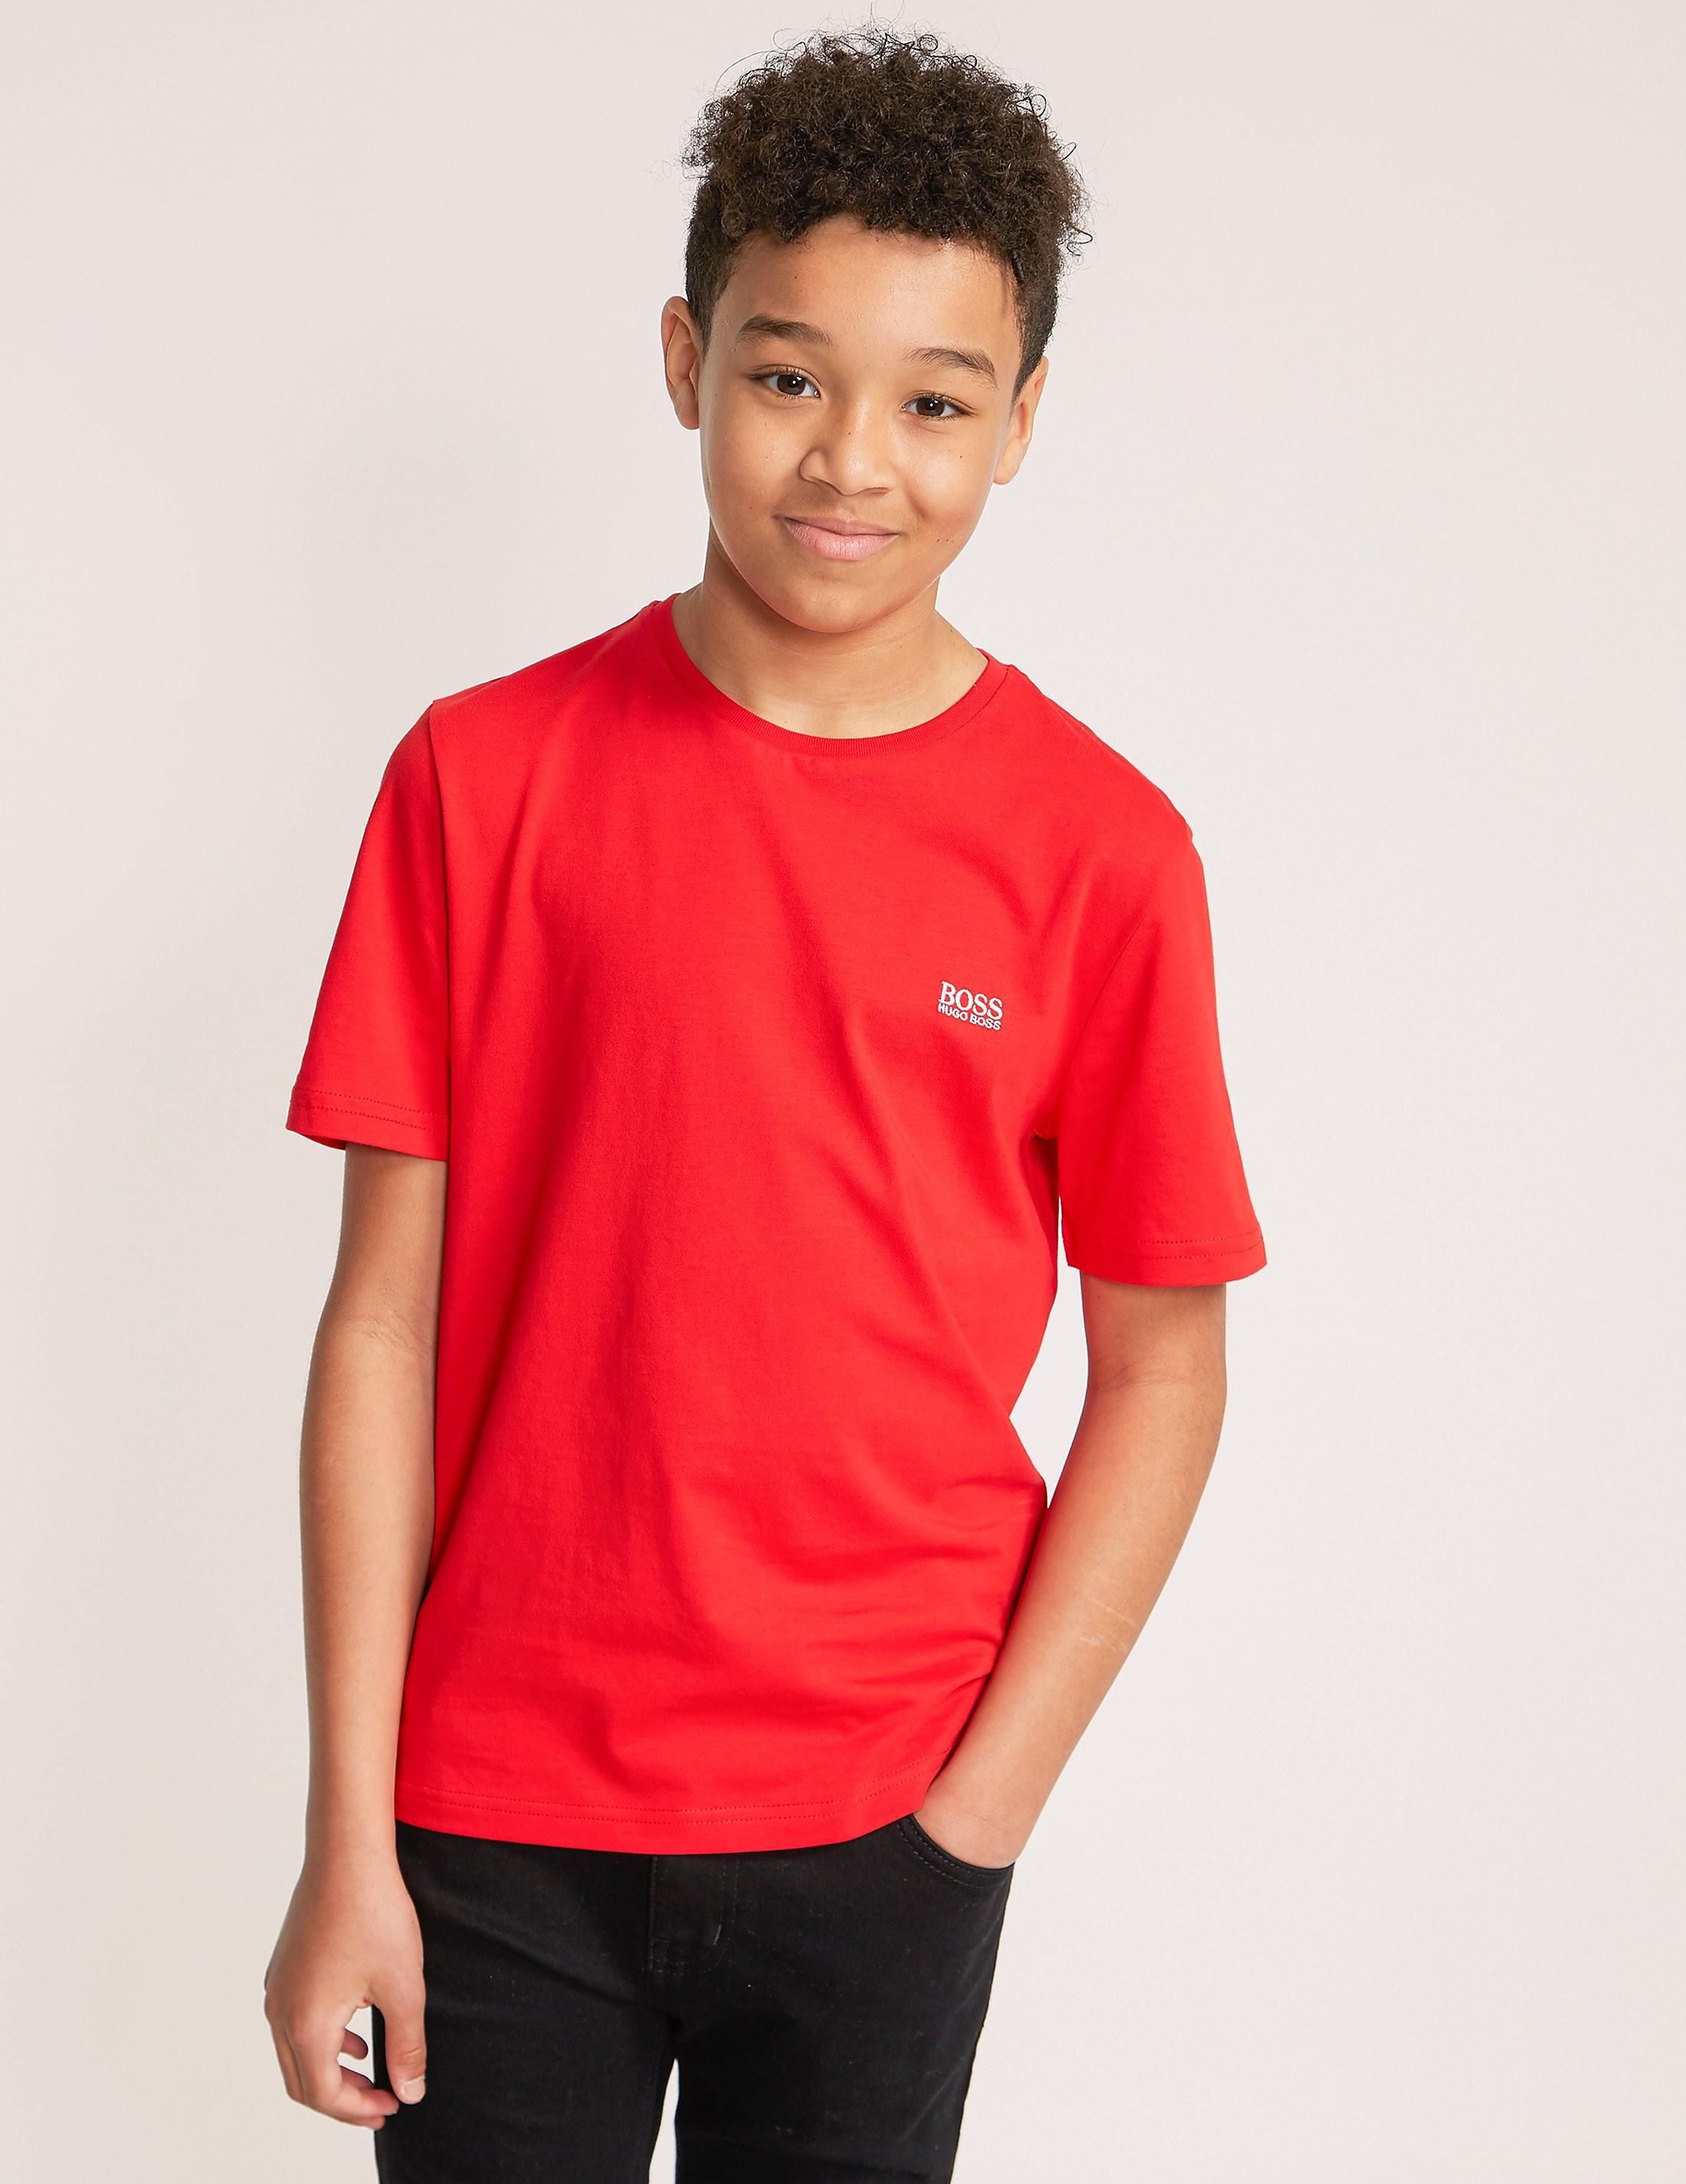 BOSS Short Sleeve T-Shirt